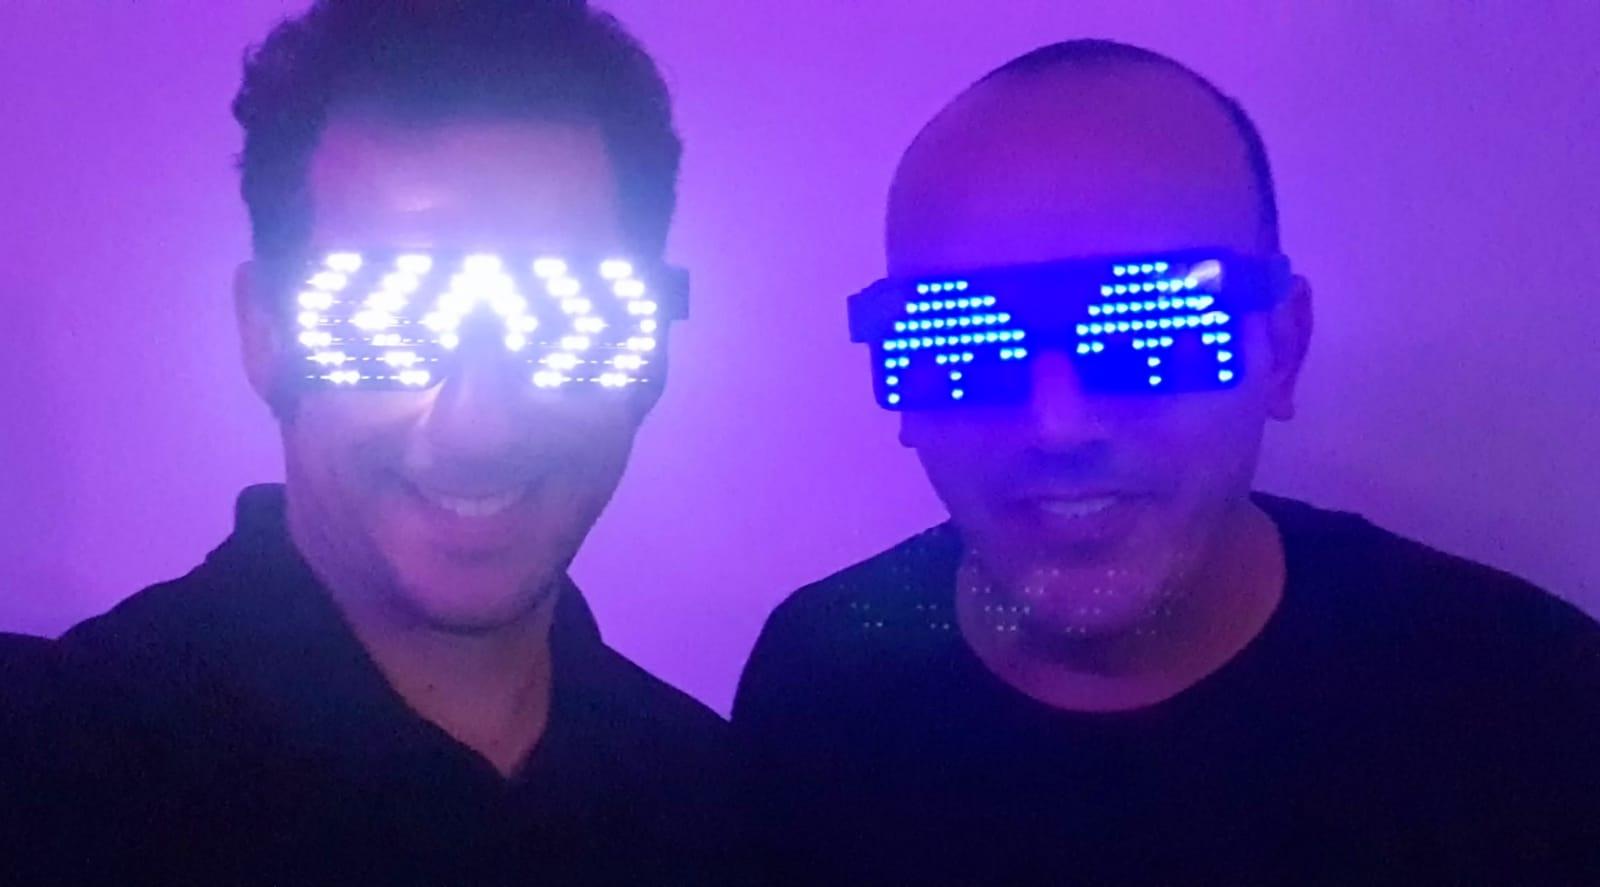 מסיבת משקפיים לילדים